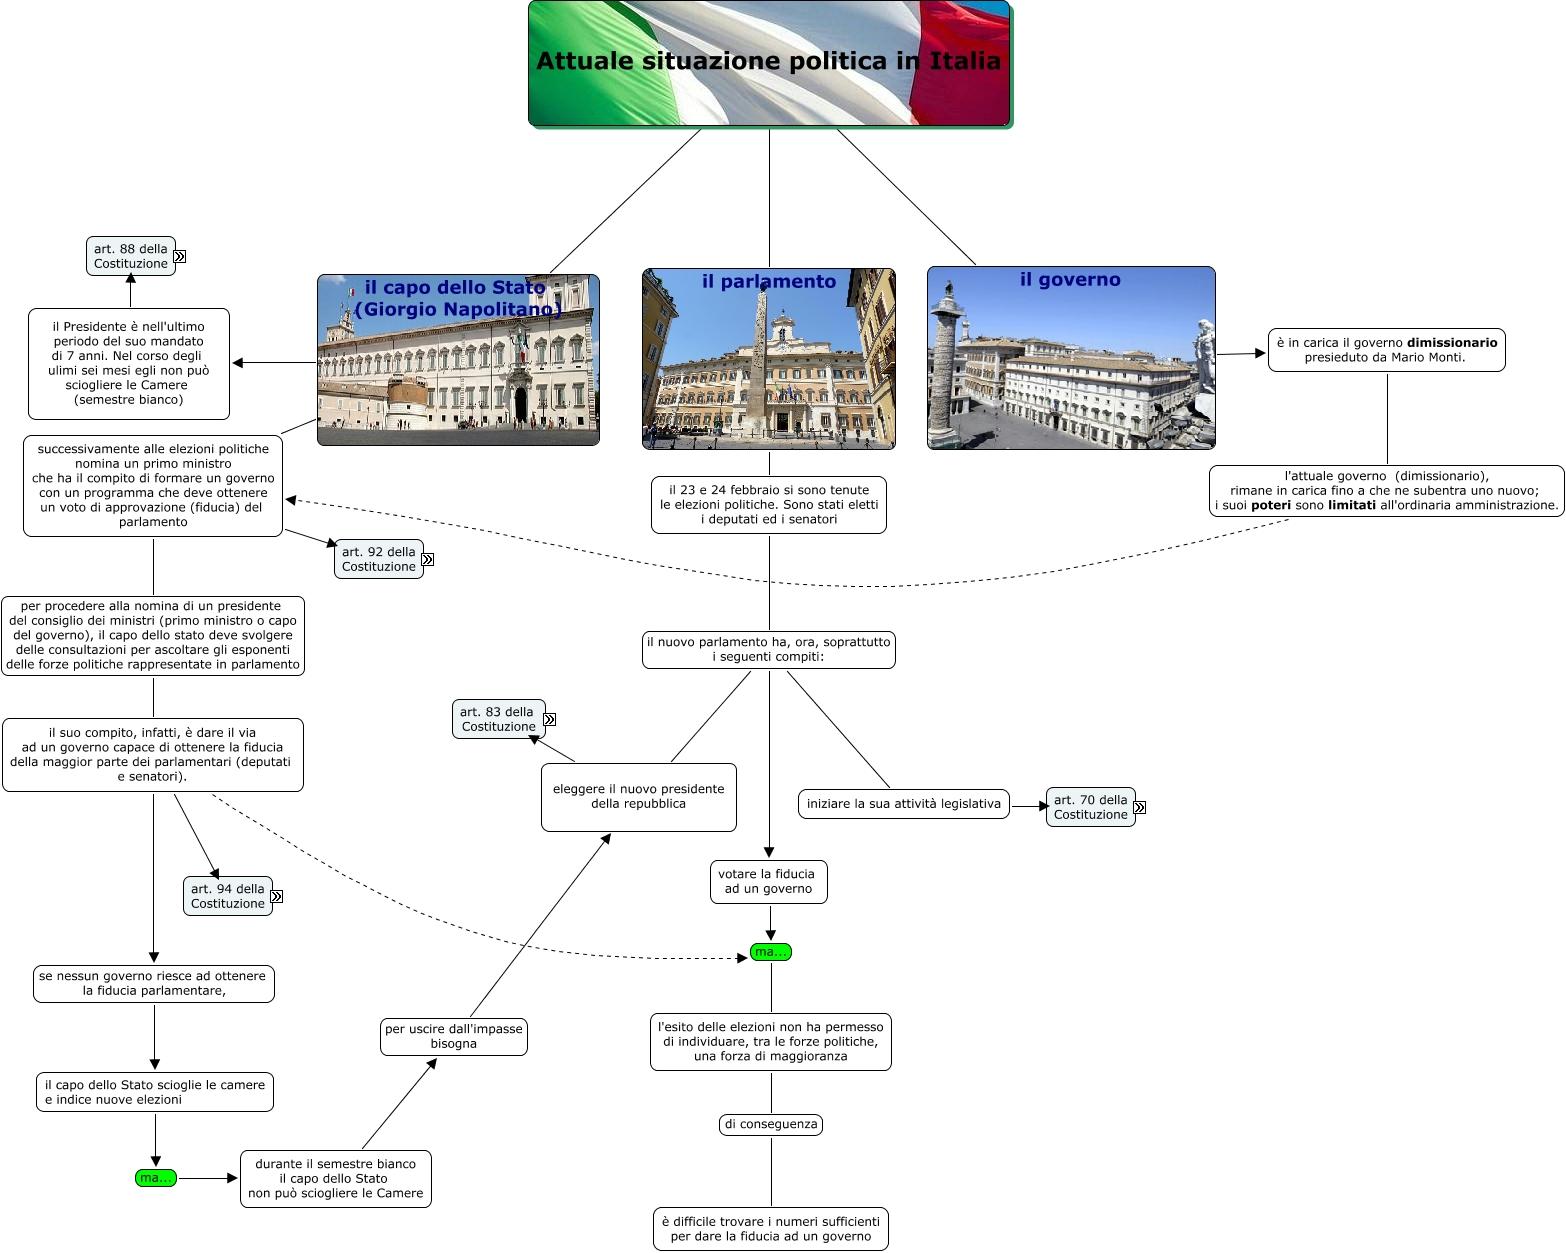 Attuale situazione politica mappa concettuale for Parlamento della repubblica italiana